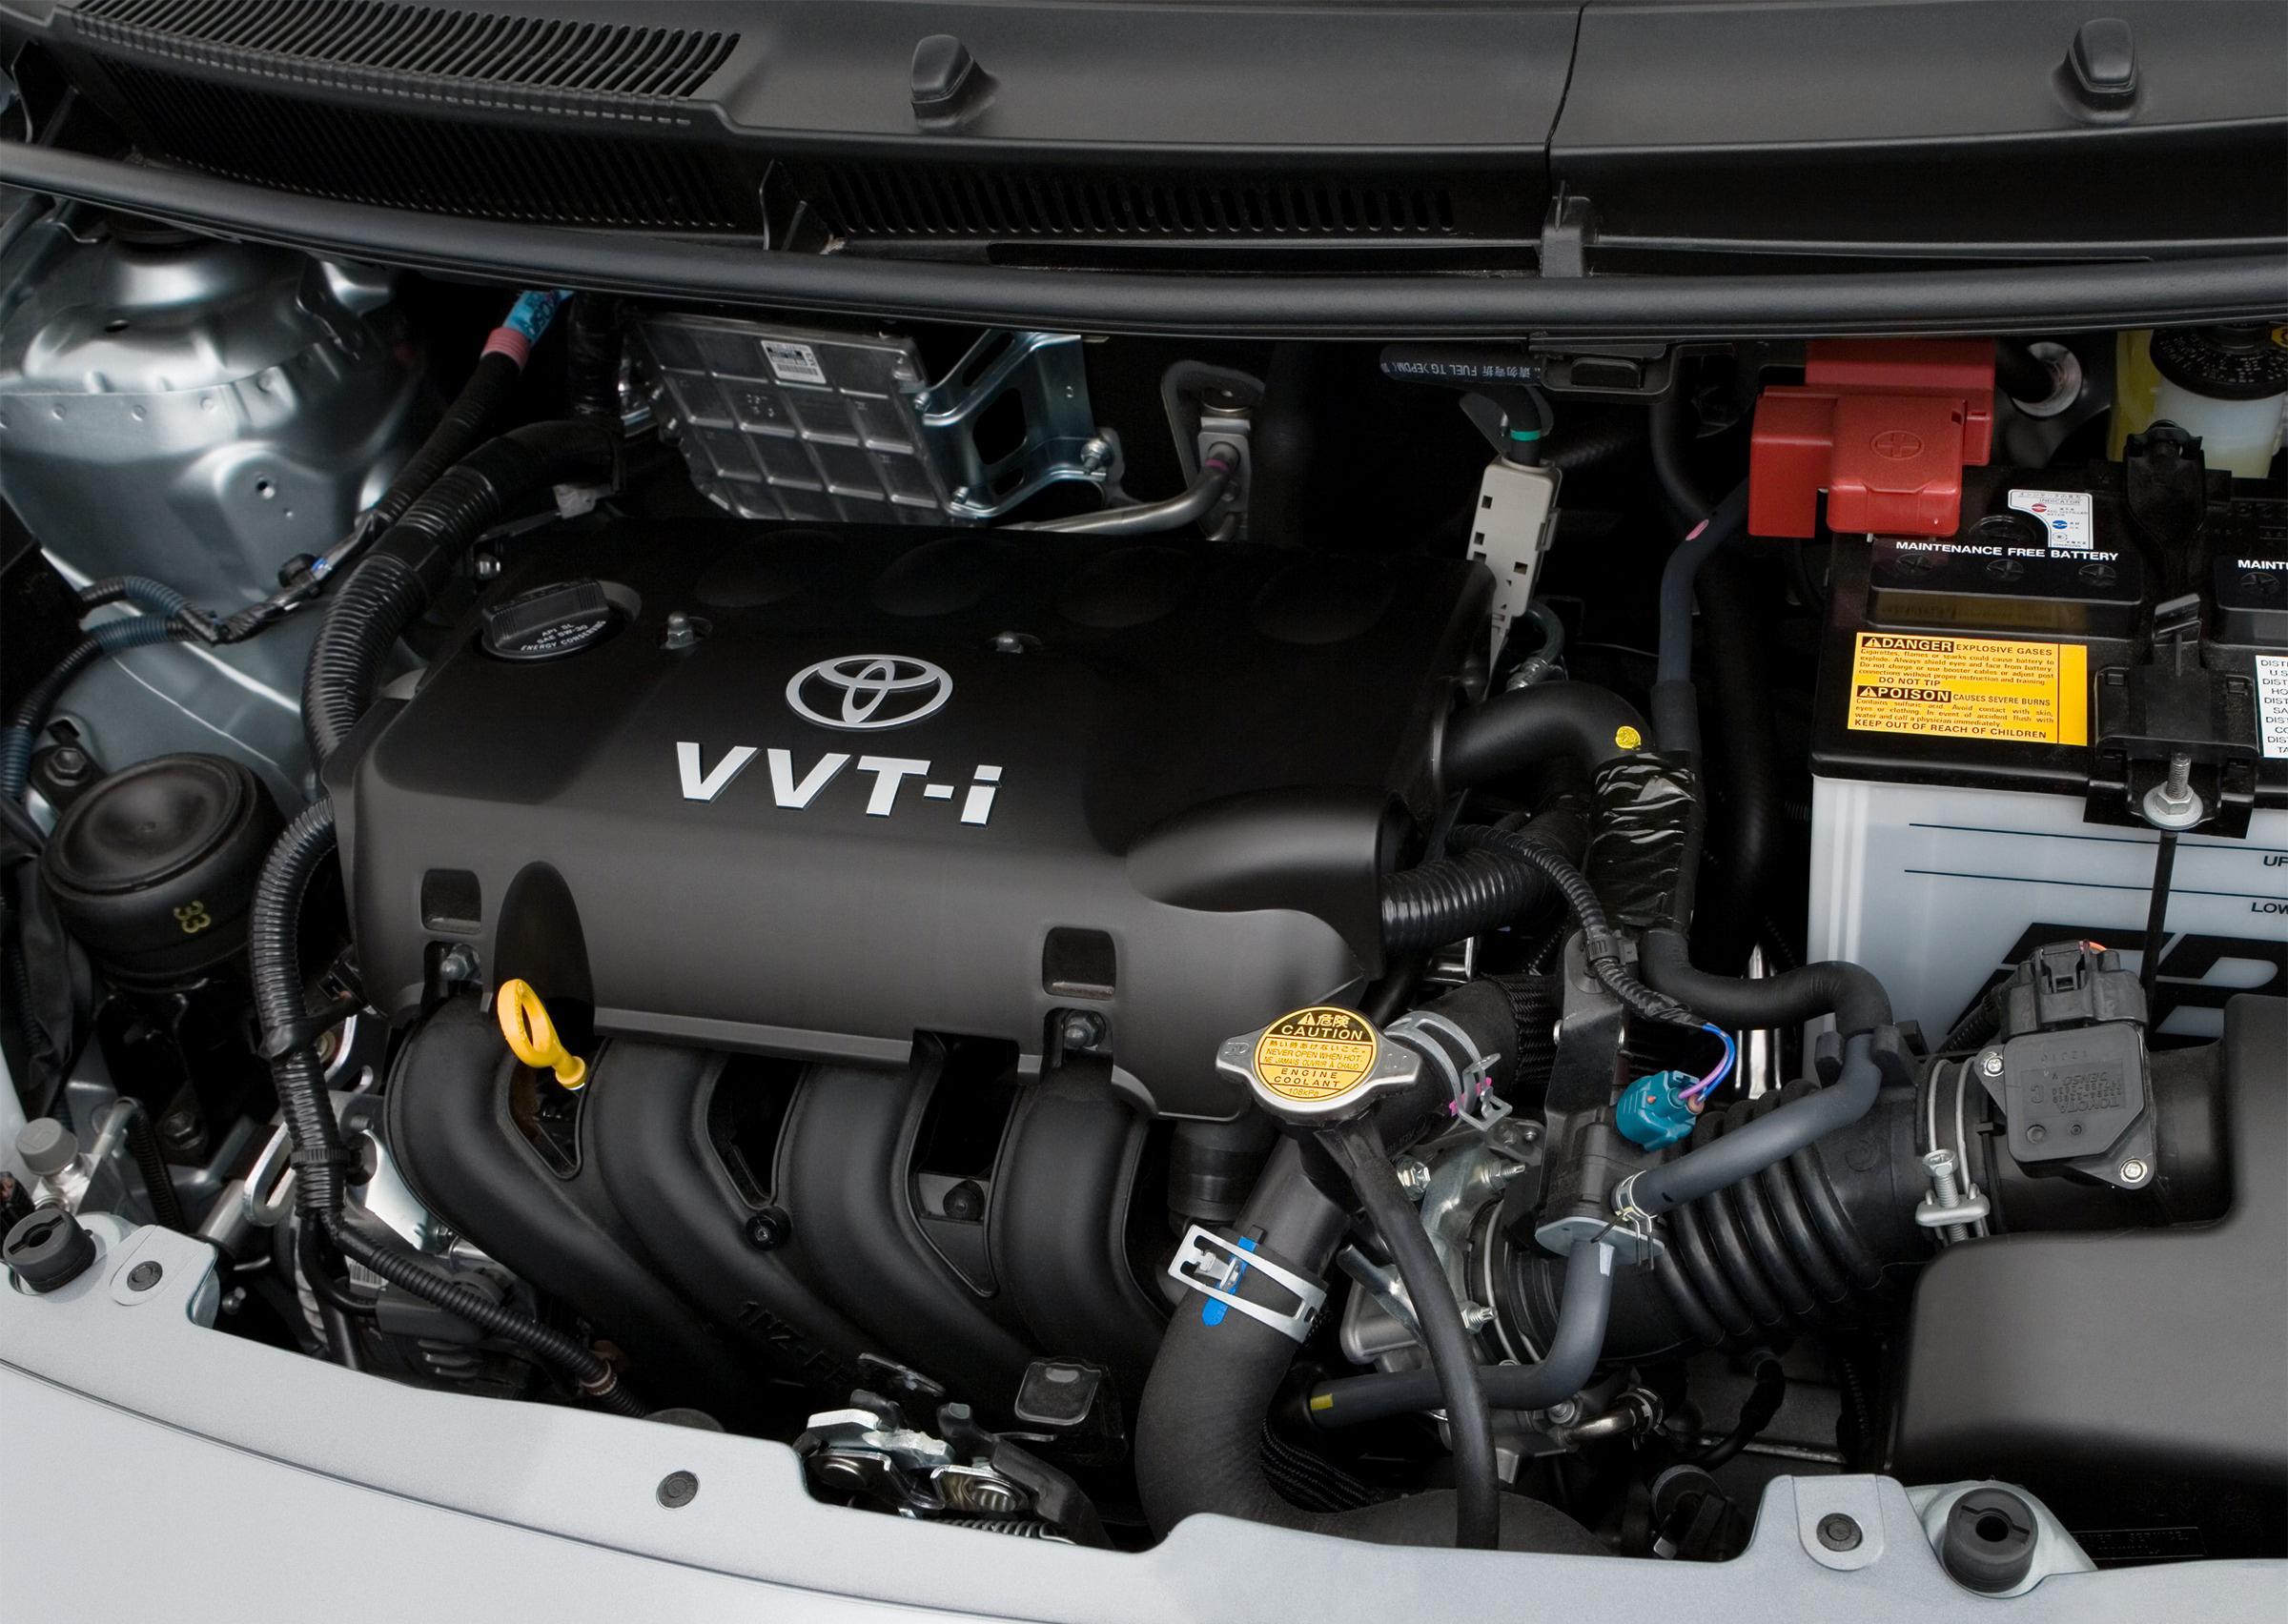 Toyota Vitz Engine